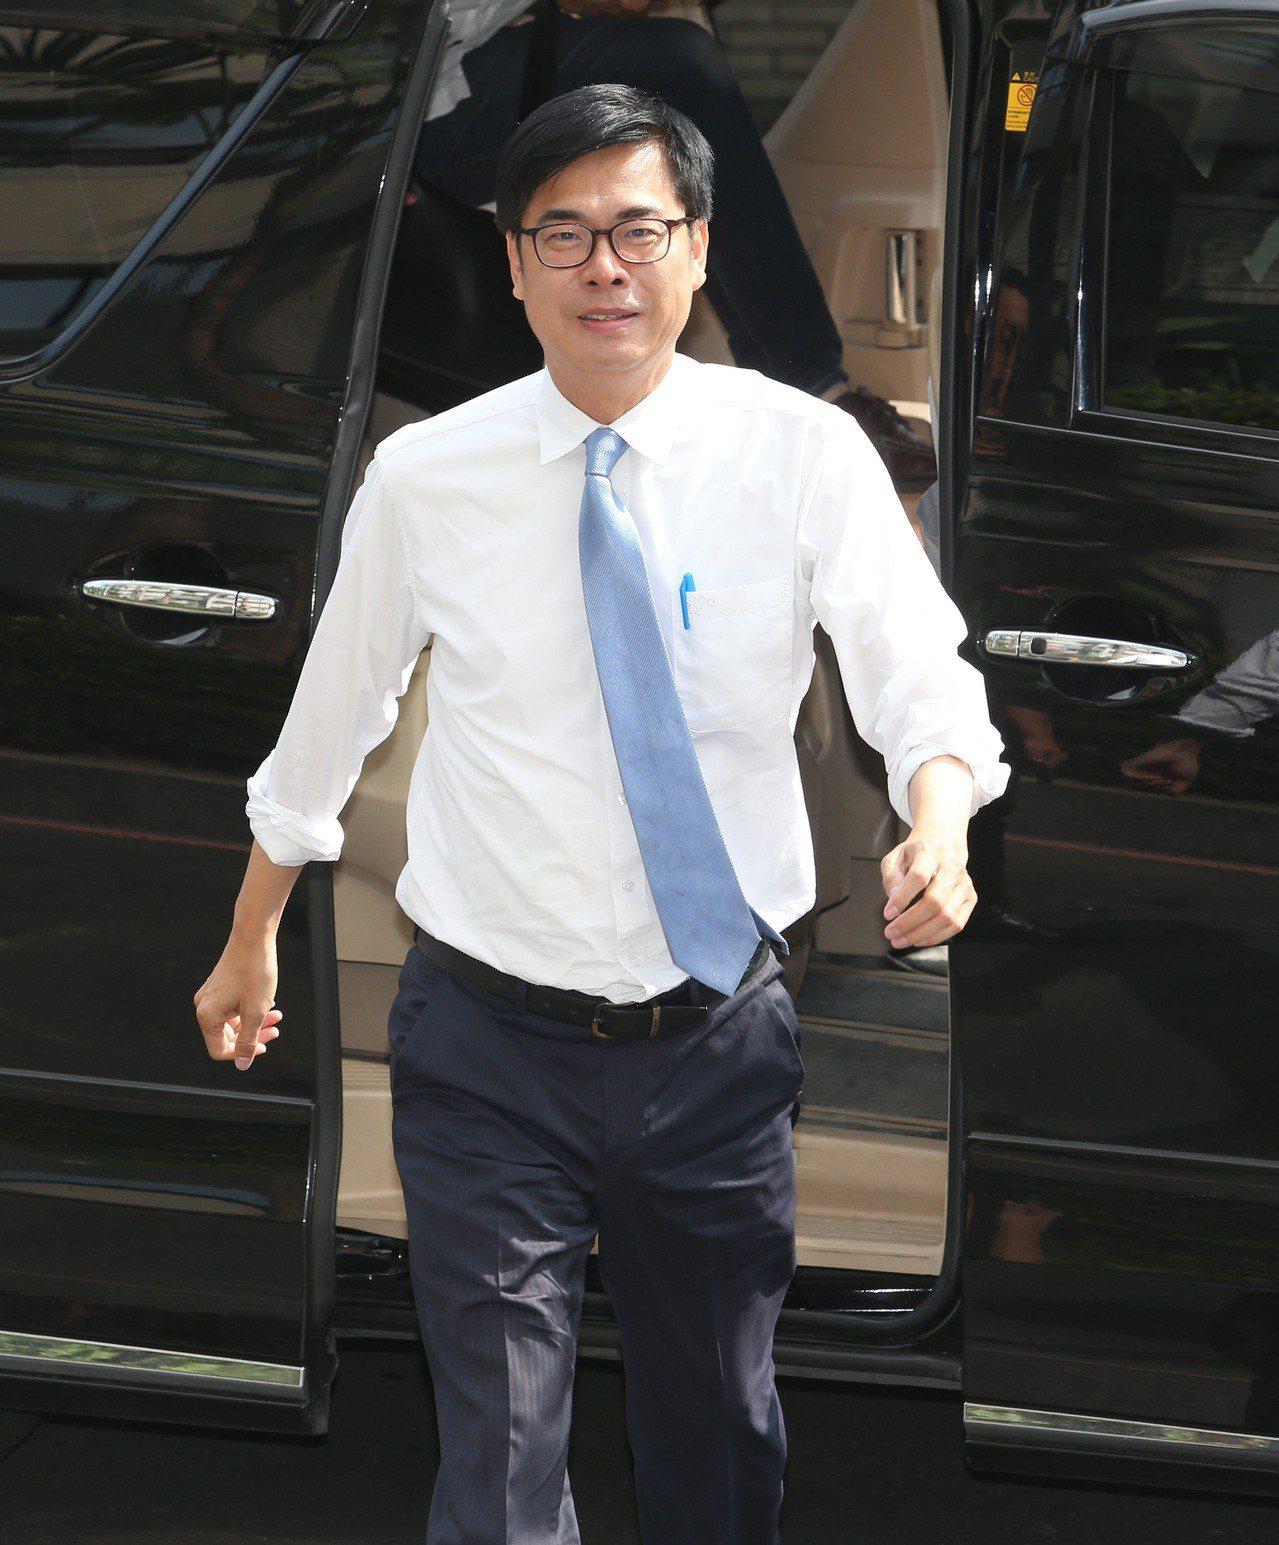 高雄市長政見發表會,陳其邁輕裝迎戰。 記者劉學聖/攝影